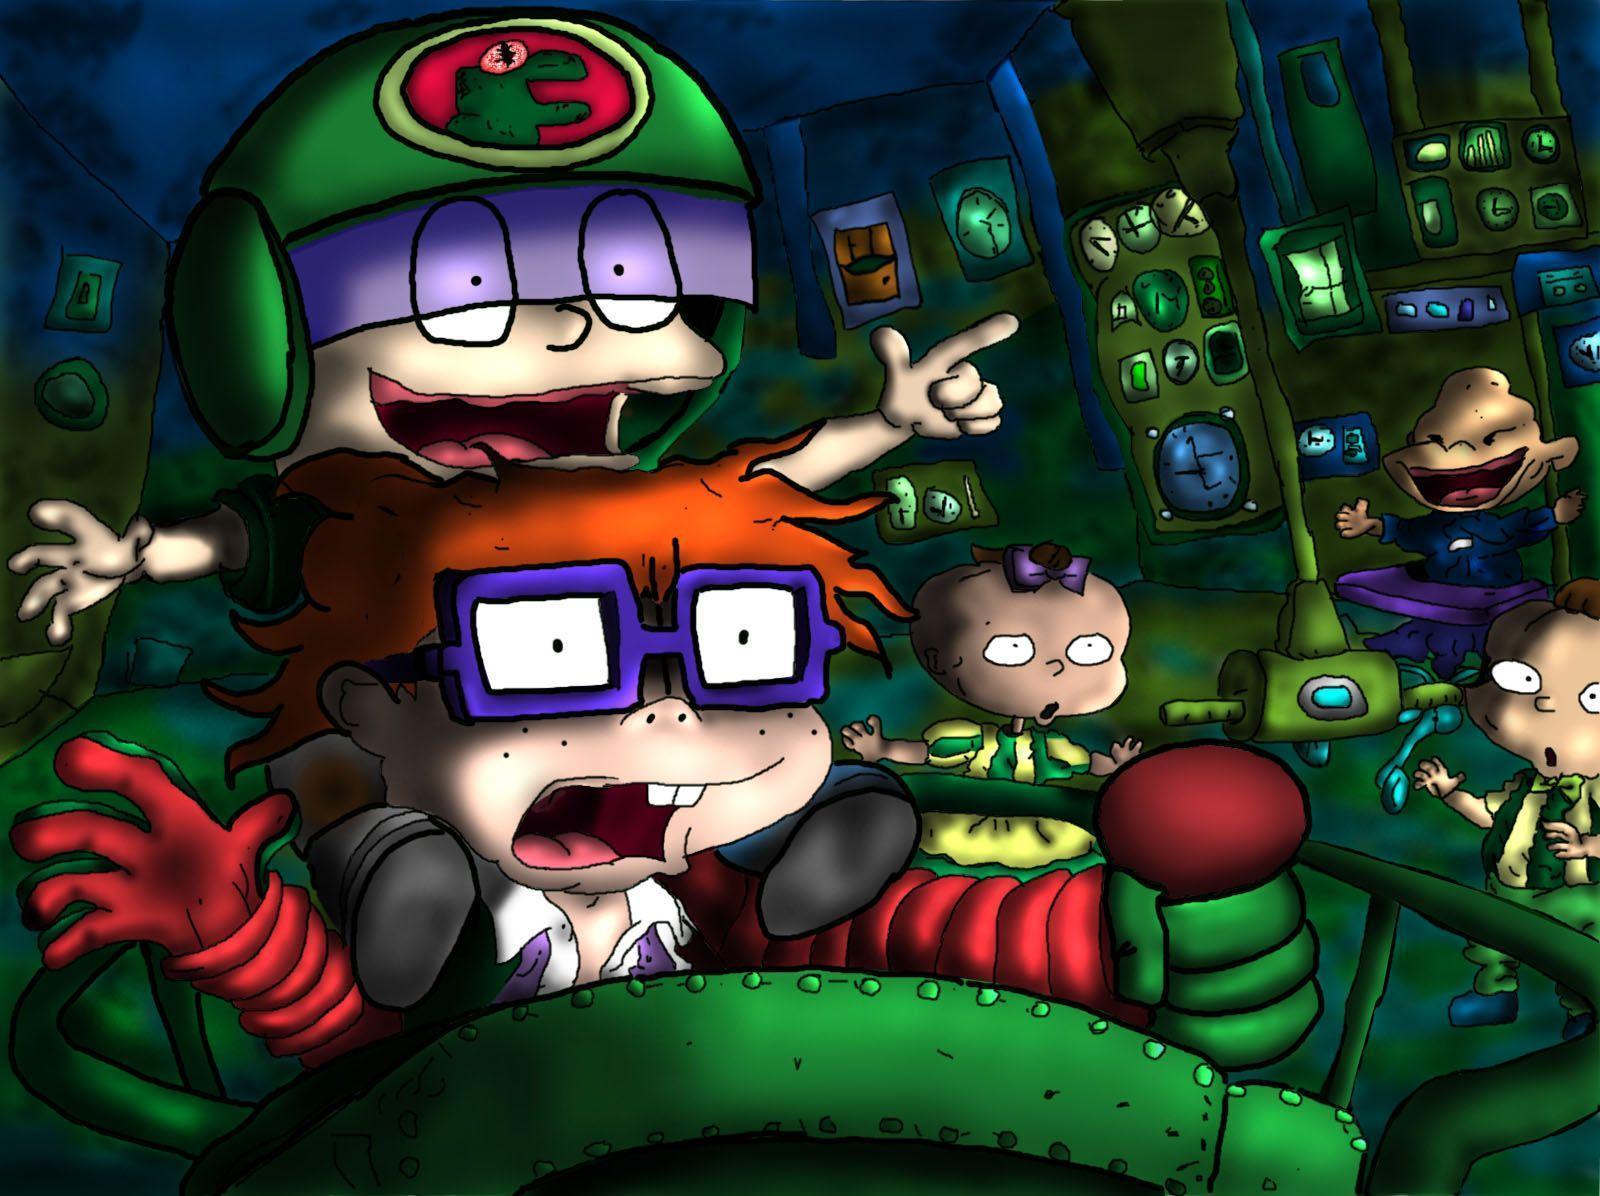 Rugrats by diddioz on DeviantArt